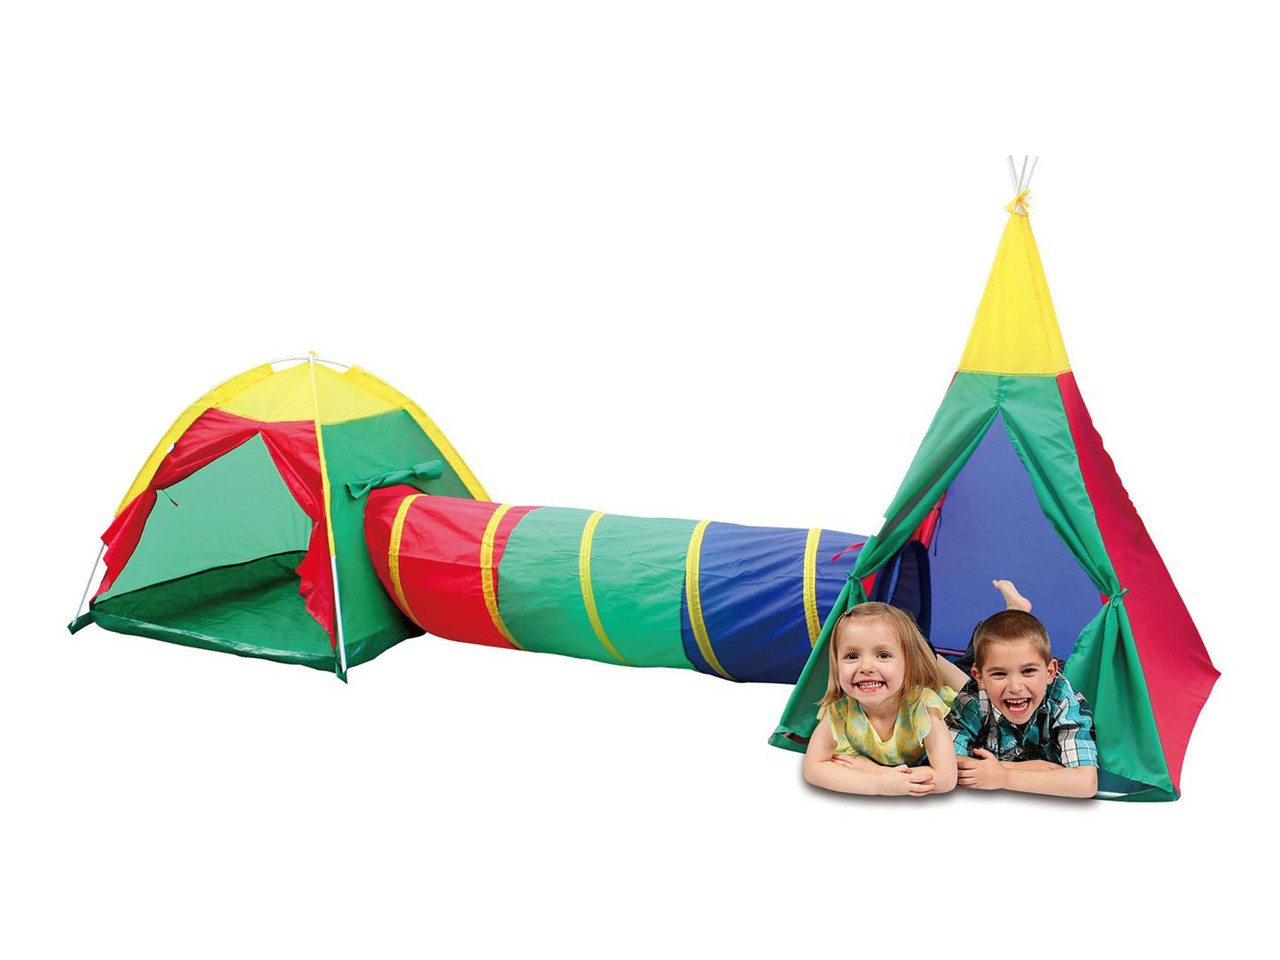 Детские игровые палатки, домики 3 in 1, с тоннелем,вигвам